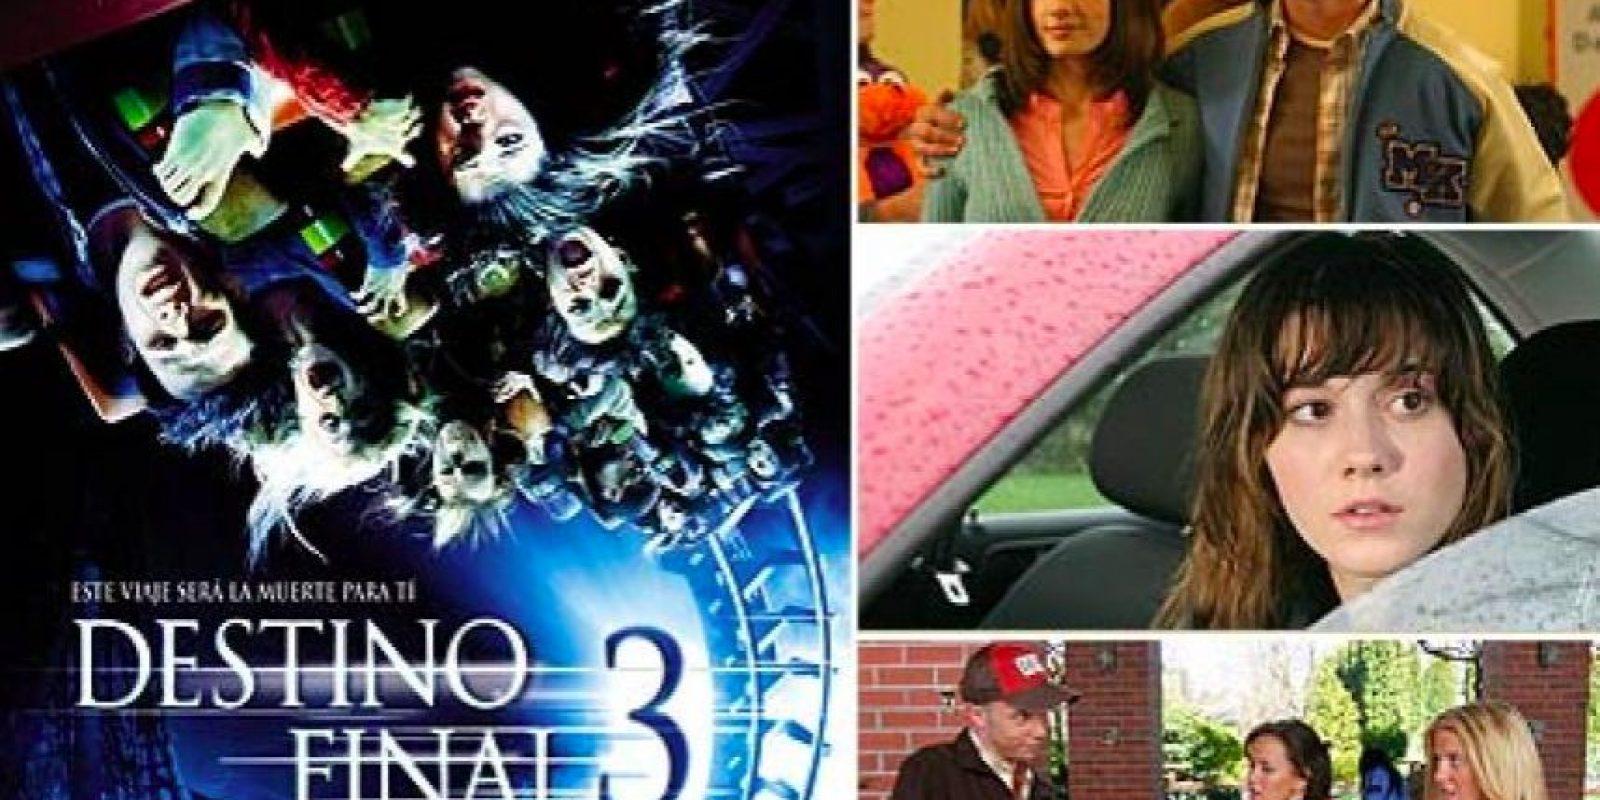 En Destino Final 3, los actores tuvieron que subirse 23 veces en una montaña rusa, con el fin de crear la mejor toma para el afiche promocional de la película. Foto:Especial